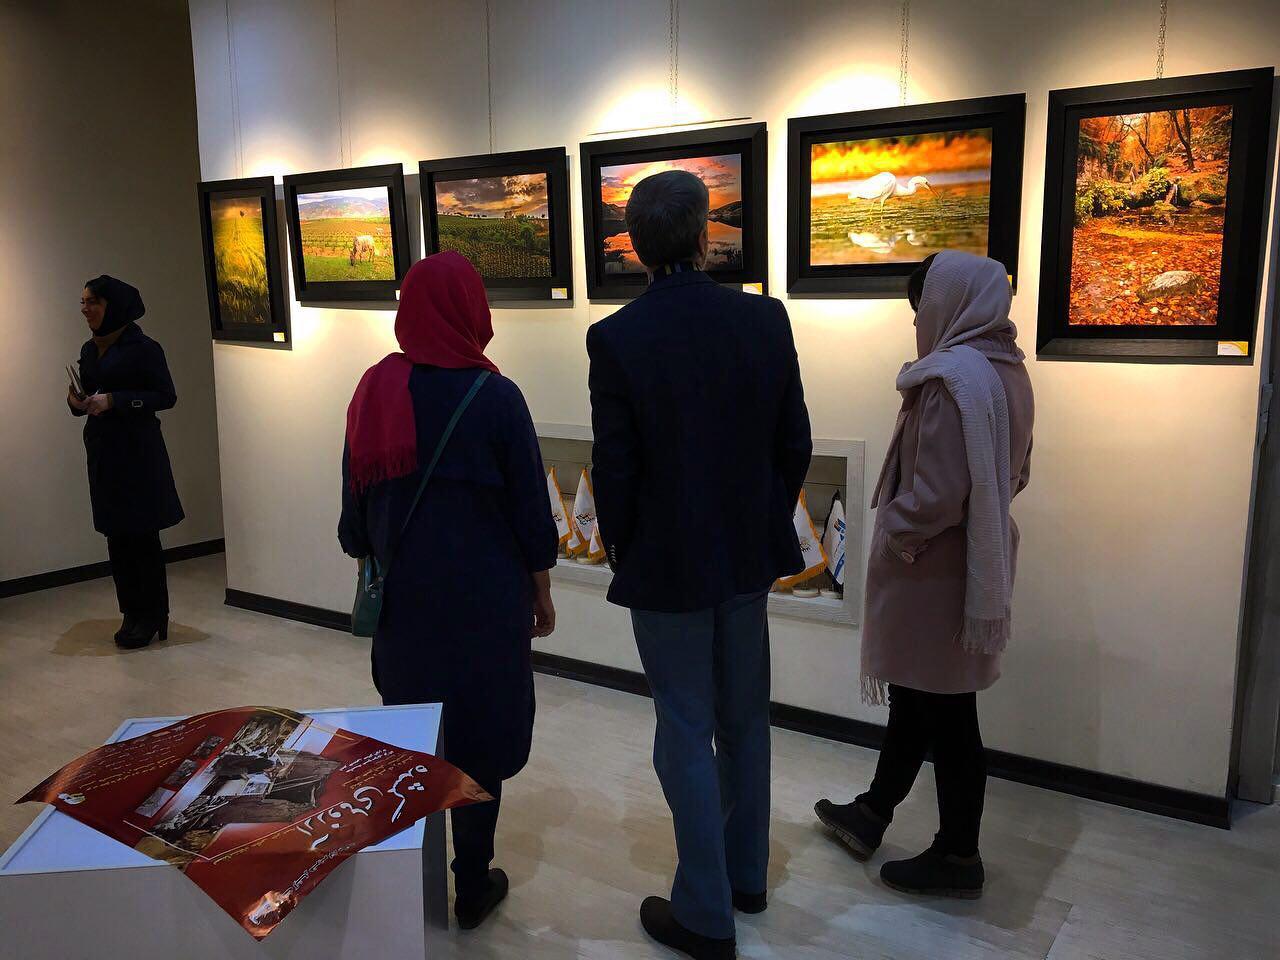 نمایشگاه خیریه عکس